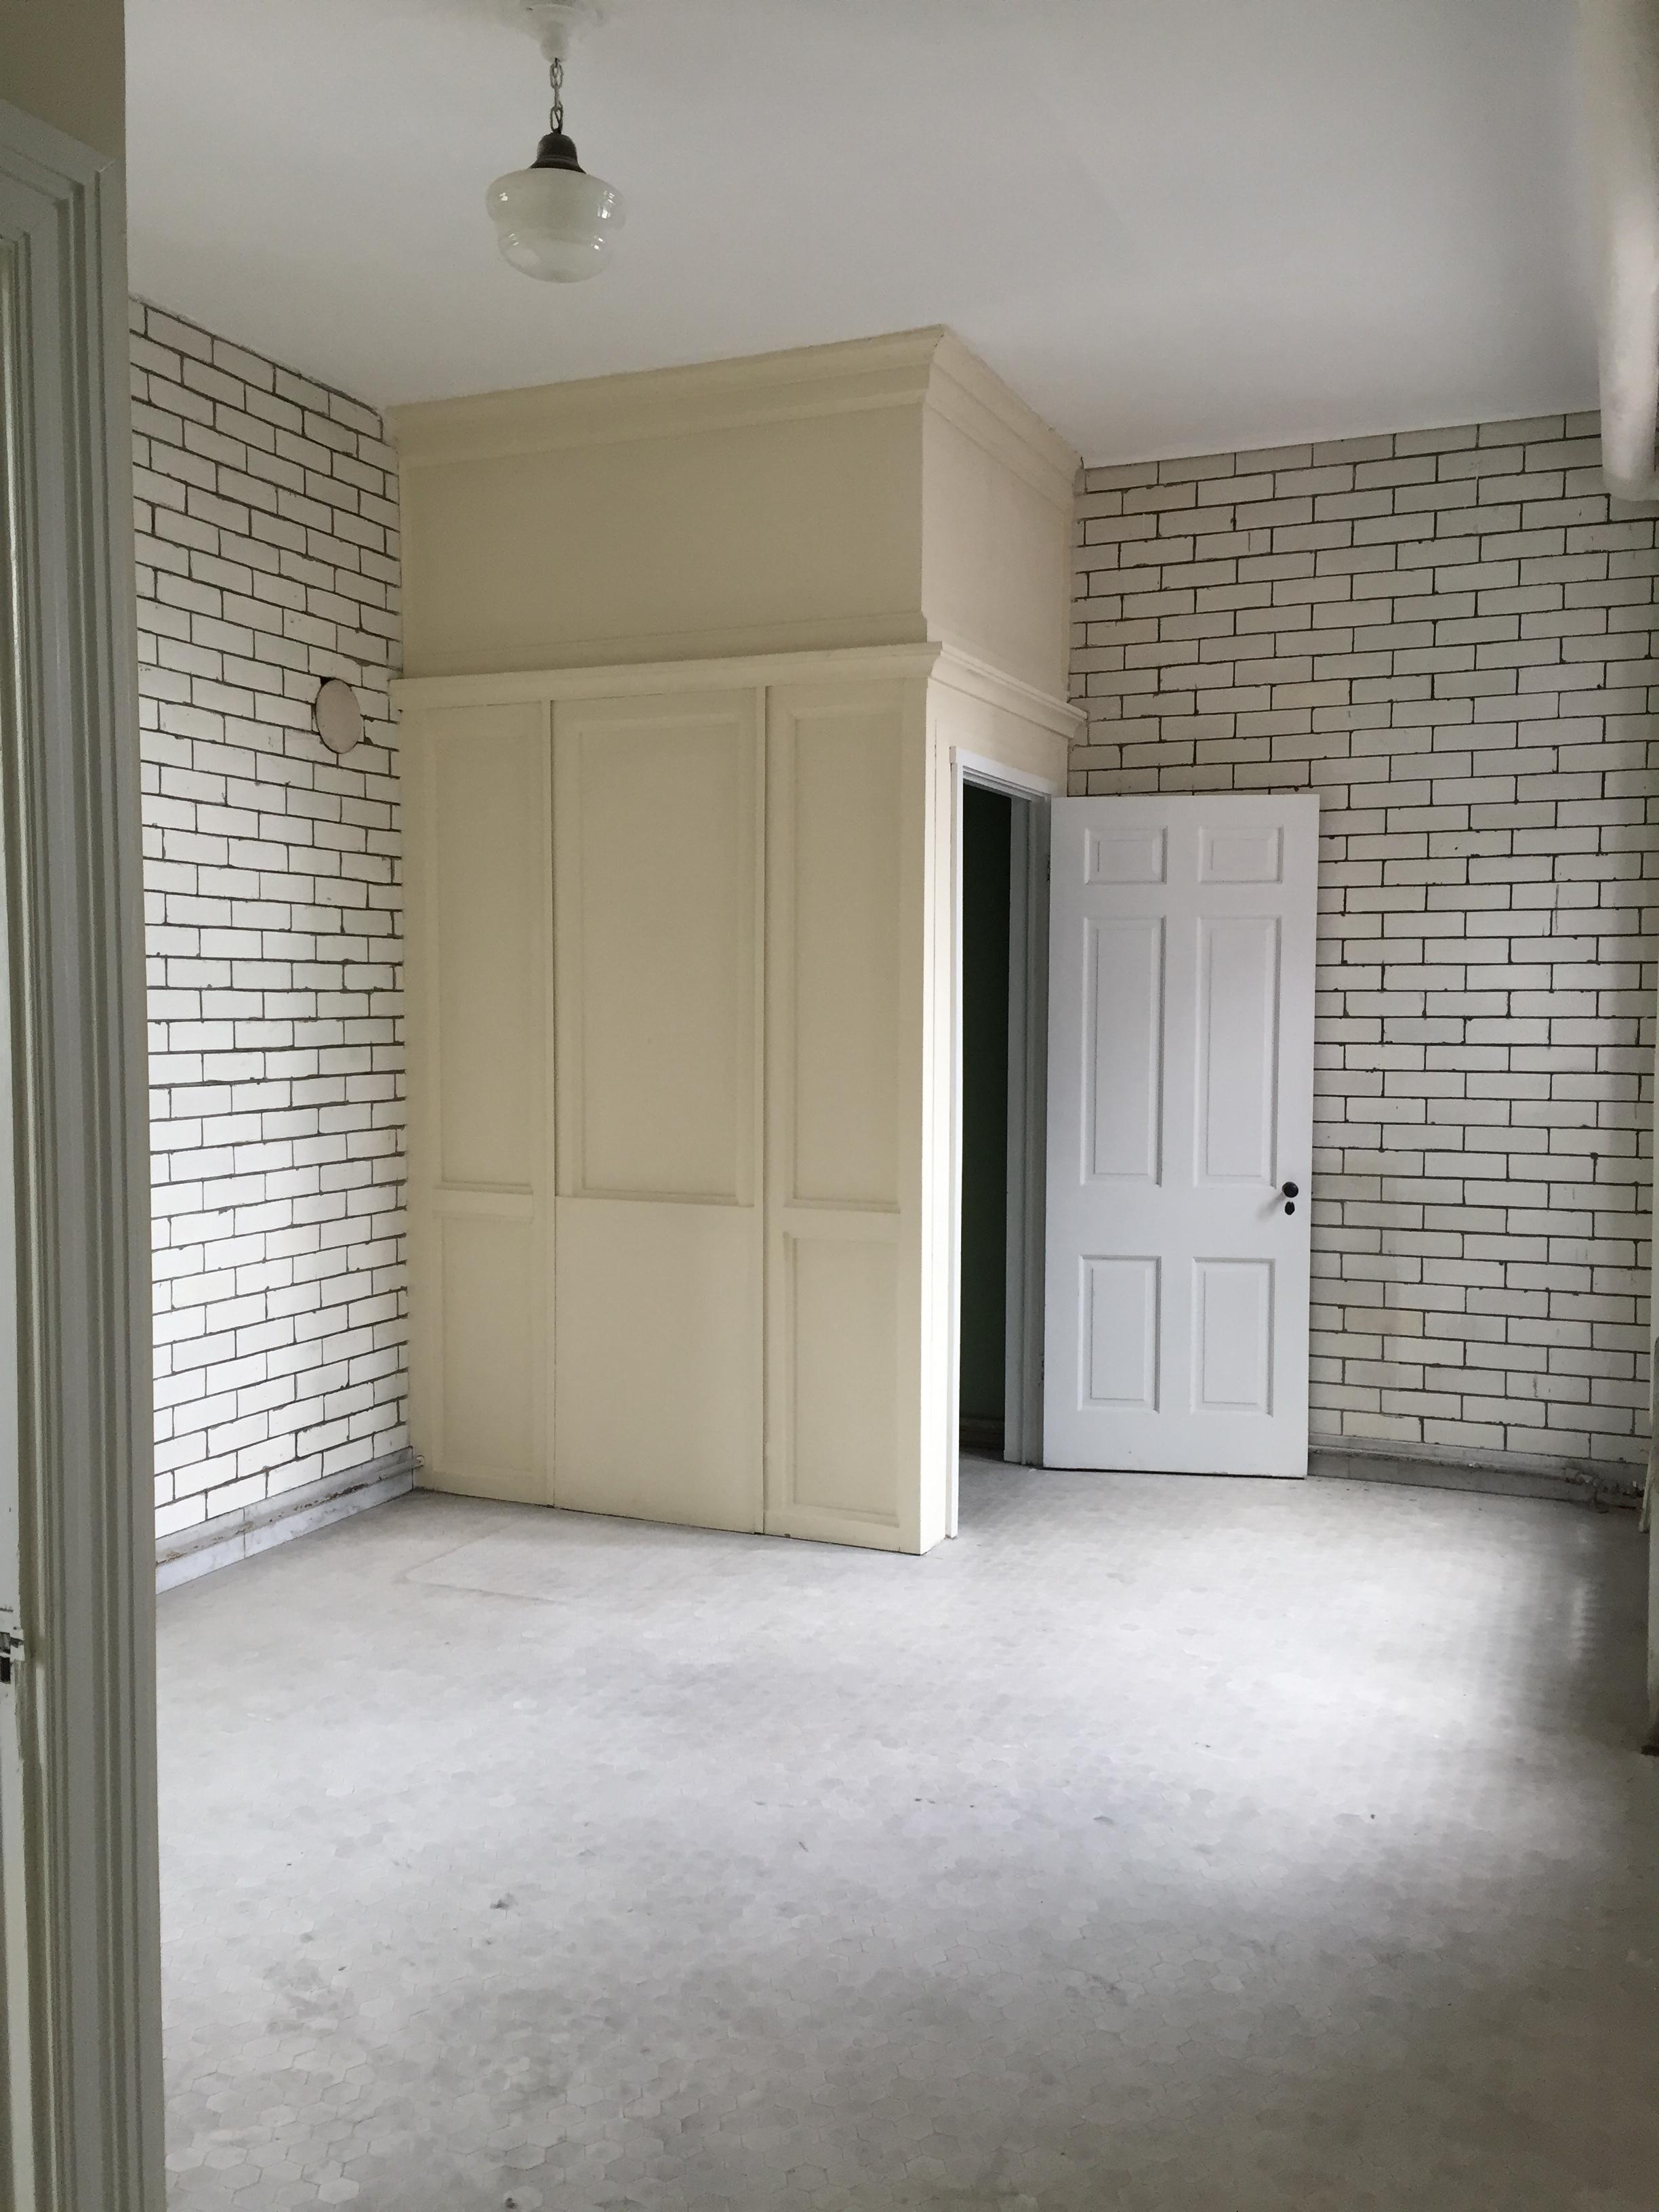 After-Tiled Room